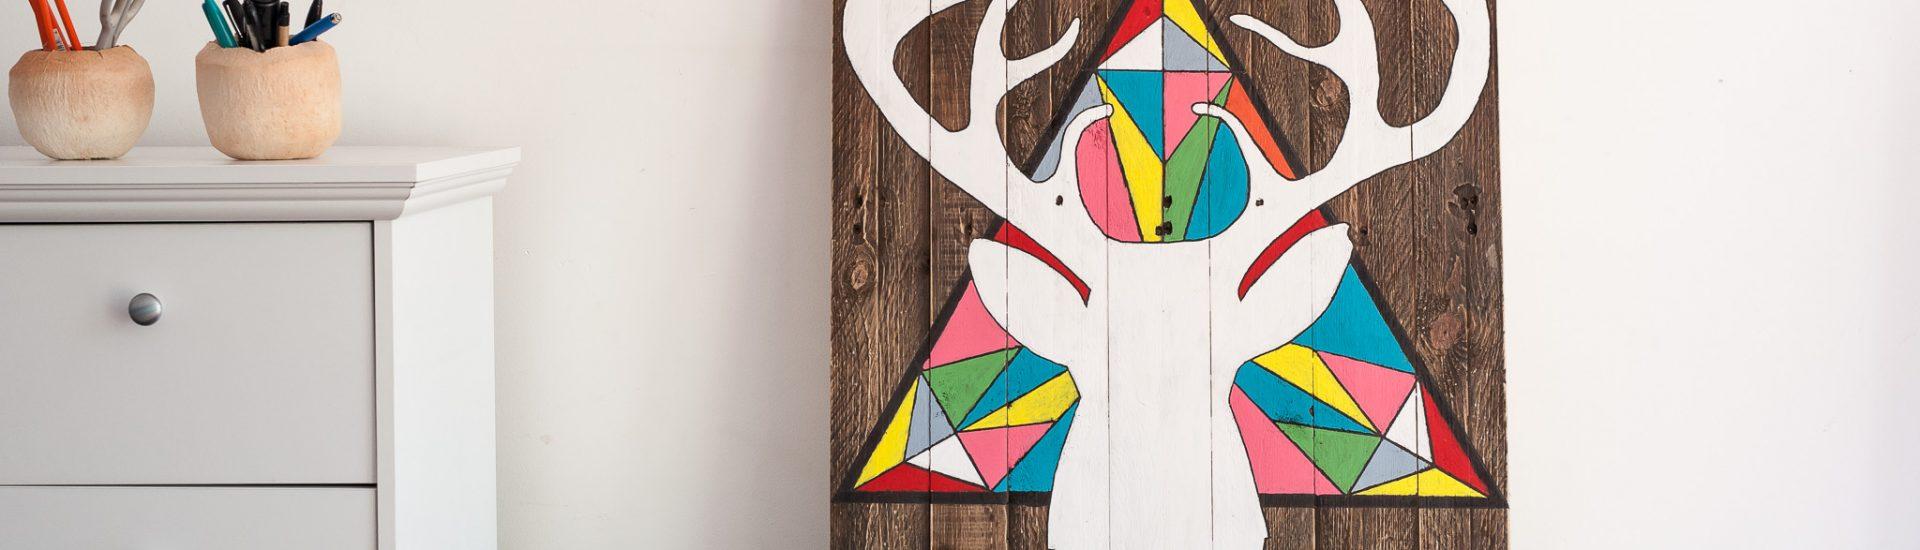 wall art reindear